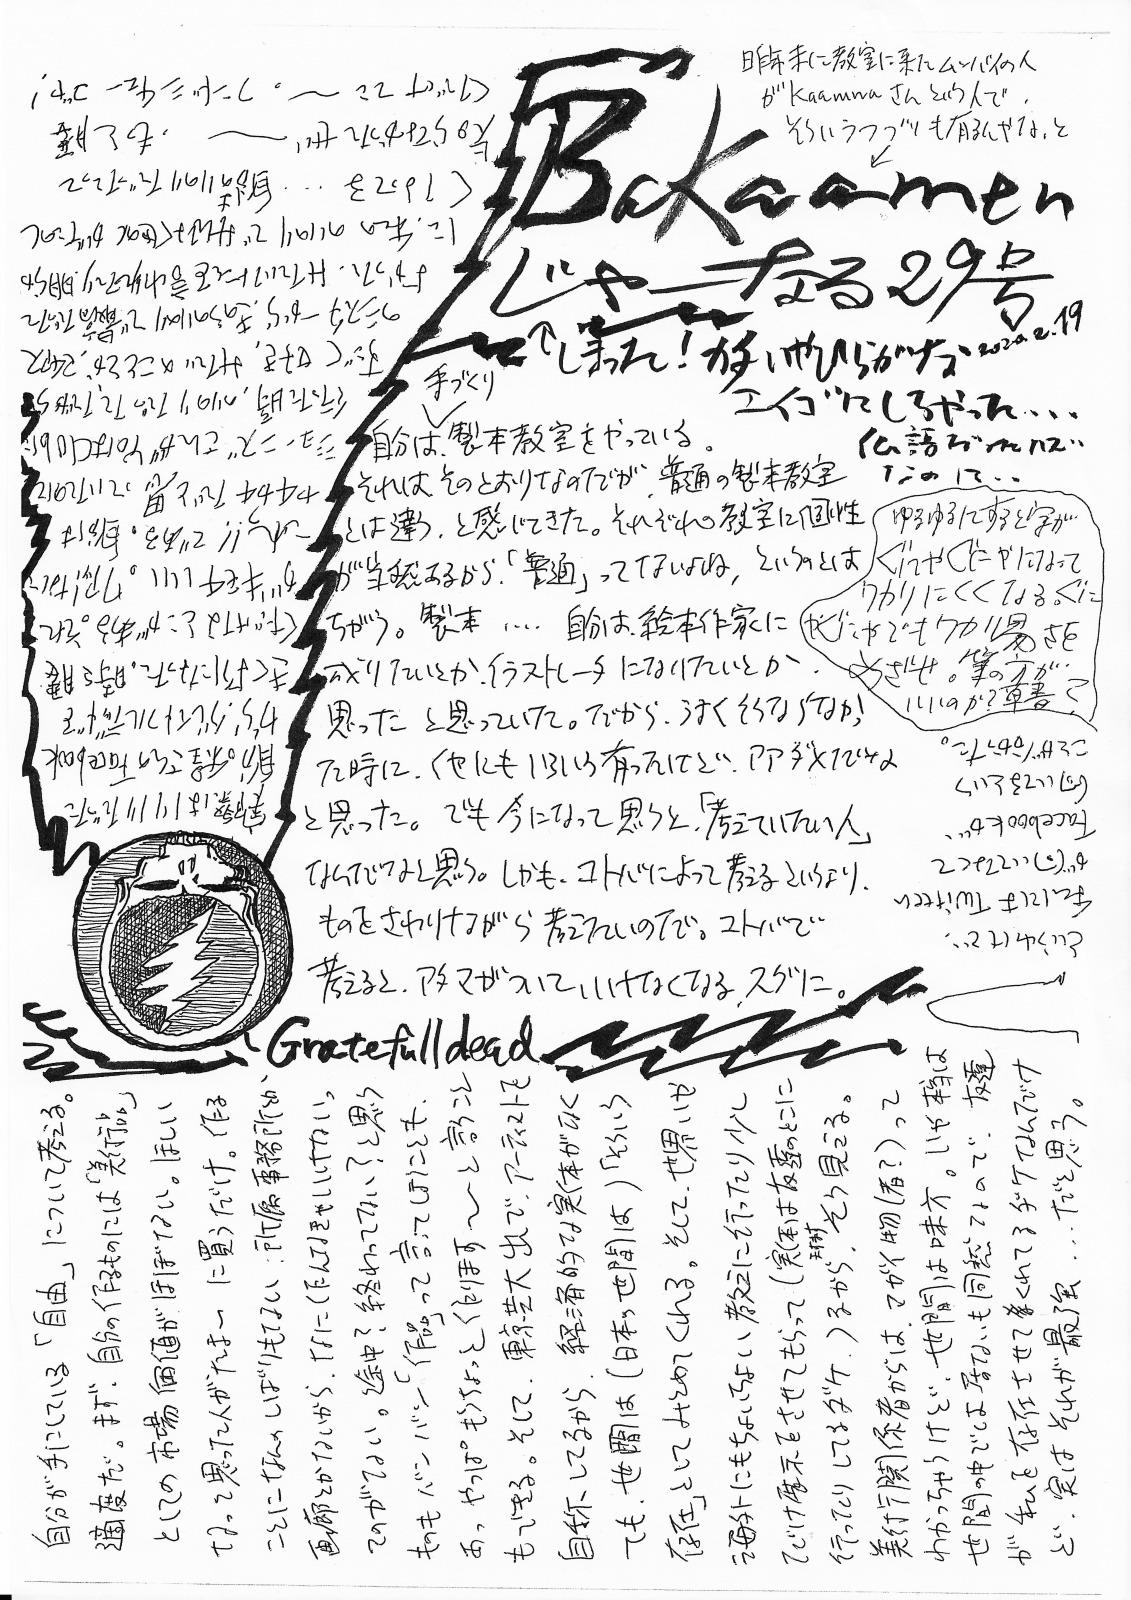 http://yoyamazaki.jp/blog/blog/%E3%81%B0%E3%81%8B%E3%83%BC%E3%82%81%E3%82%93%E3%81%98%E3%82%85%E3%82%8B%E3%81%AE29.jpg